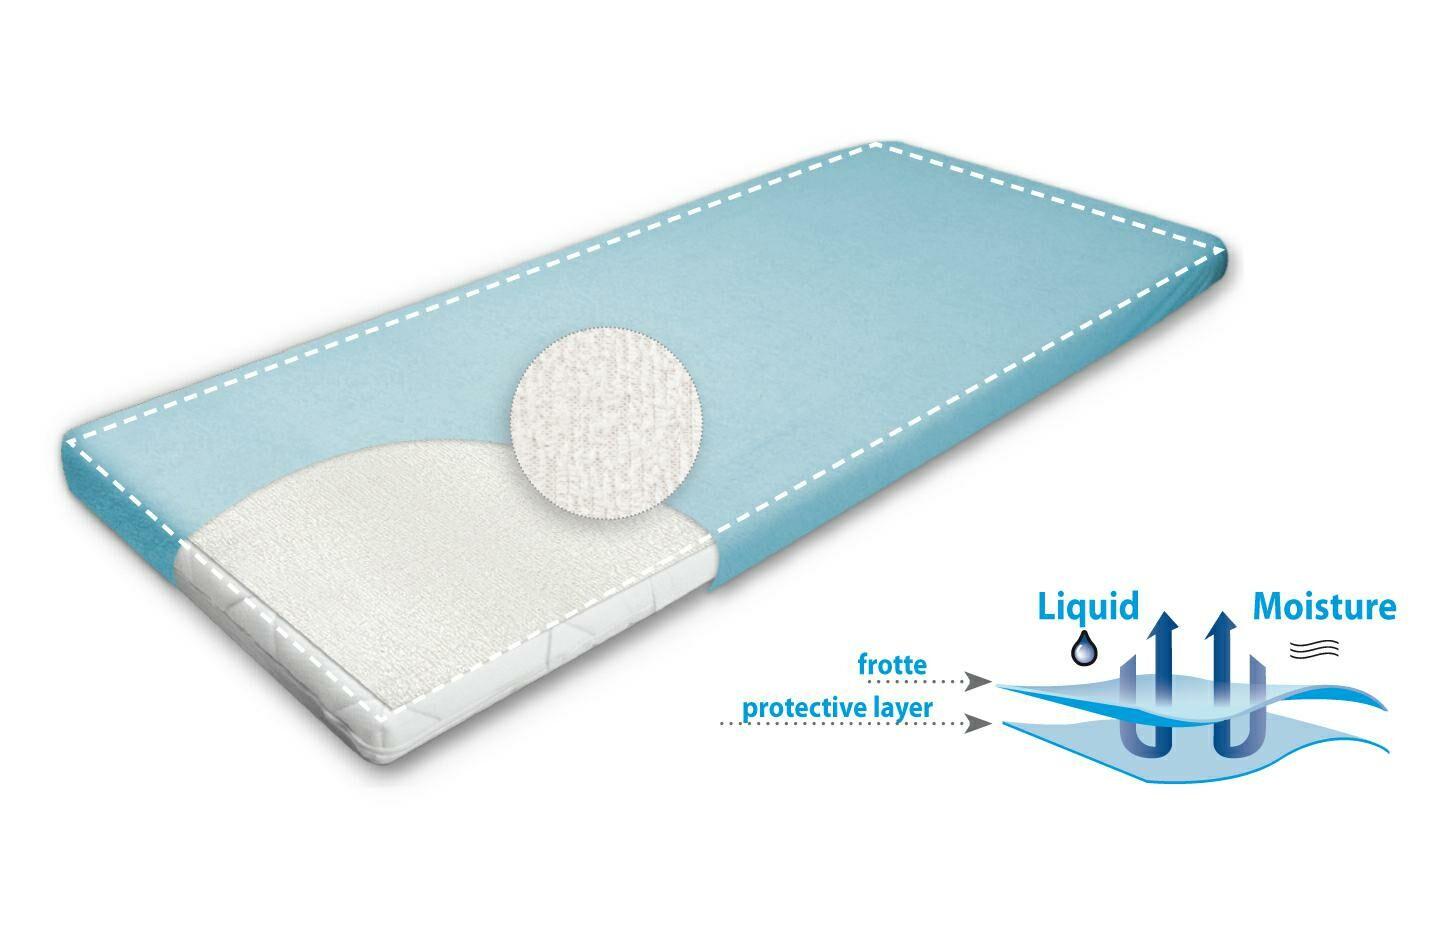 Podkład higieniczny 70x40 Basic frotte podgumowany wodoodporny nieprzemakalny